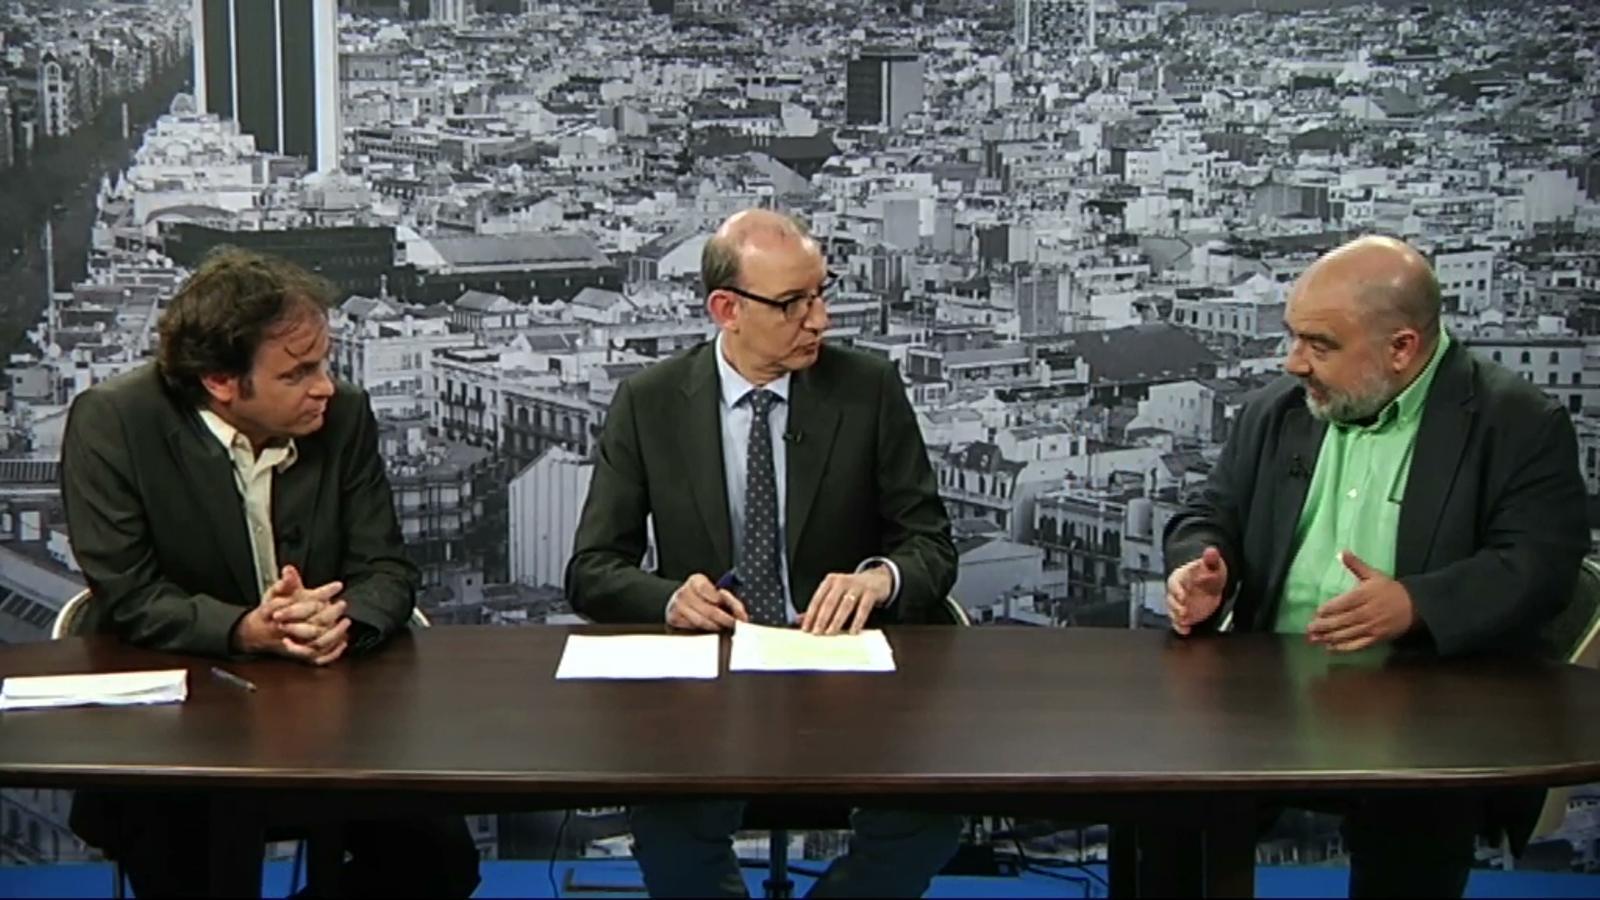 La sentència sobre la protesta al Parlament protegeix el dret de manifestació o avala els excessos? Cara a cara: Ferran Sáez-Jaume Asens